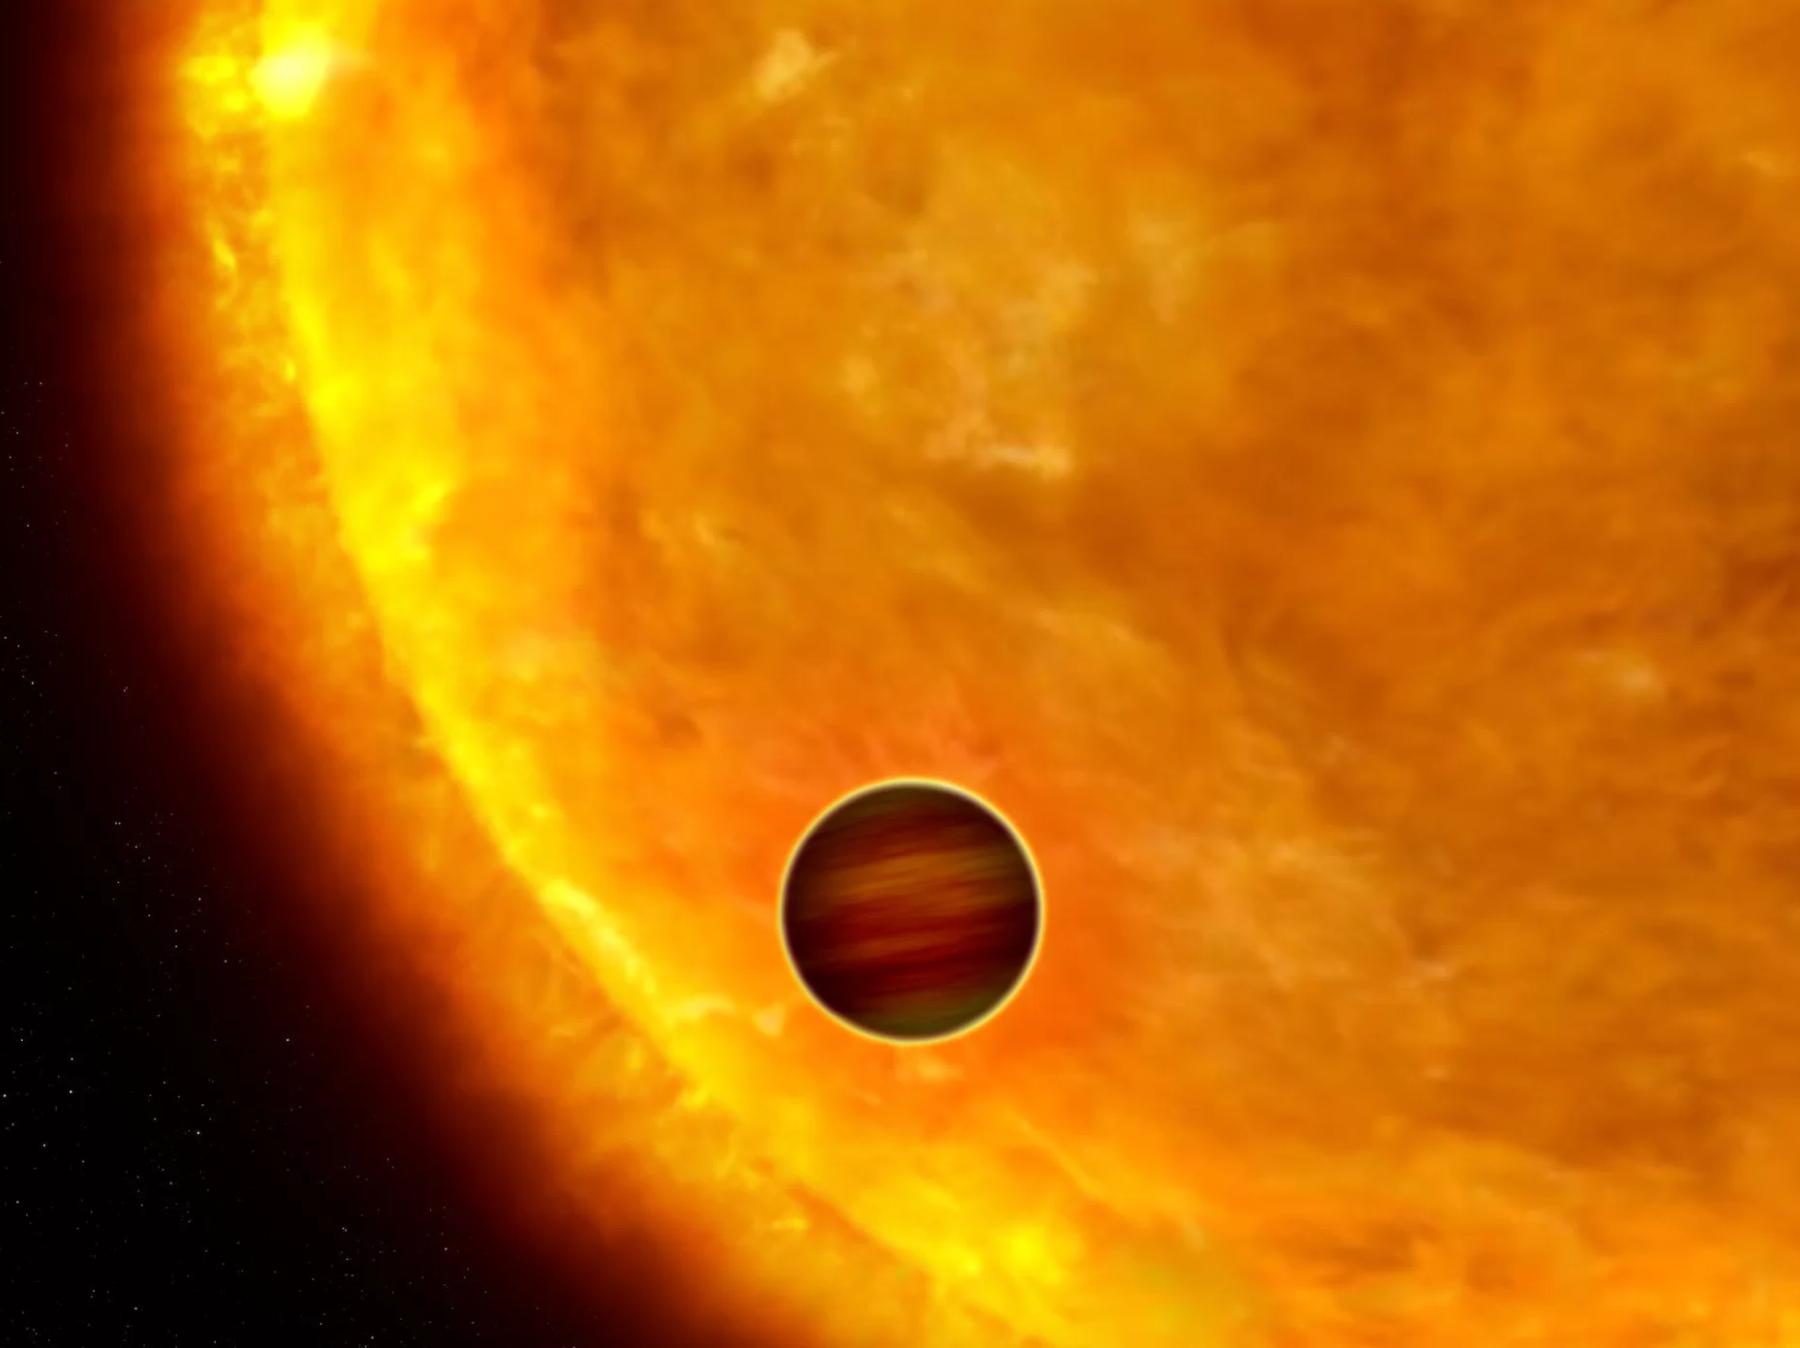 planets nov 17 2017 - photo #22